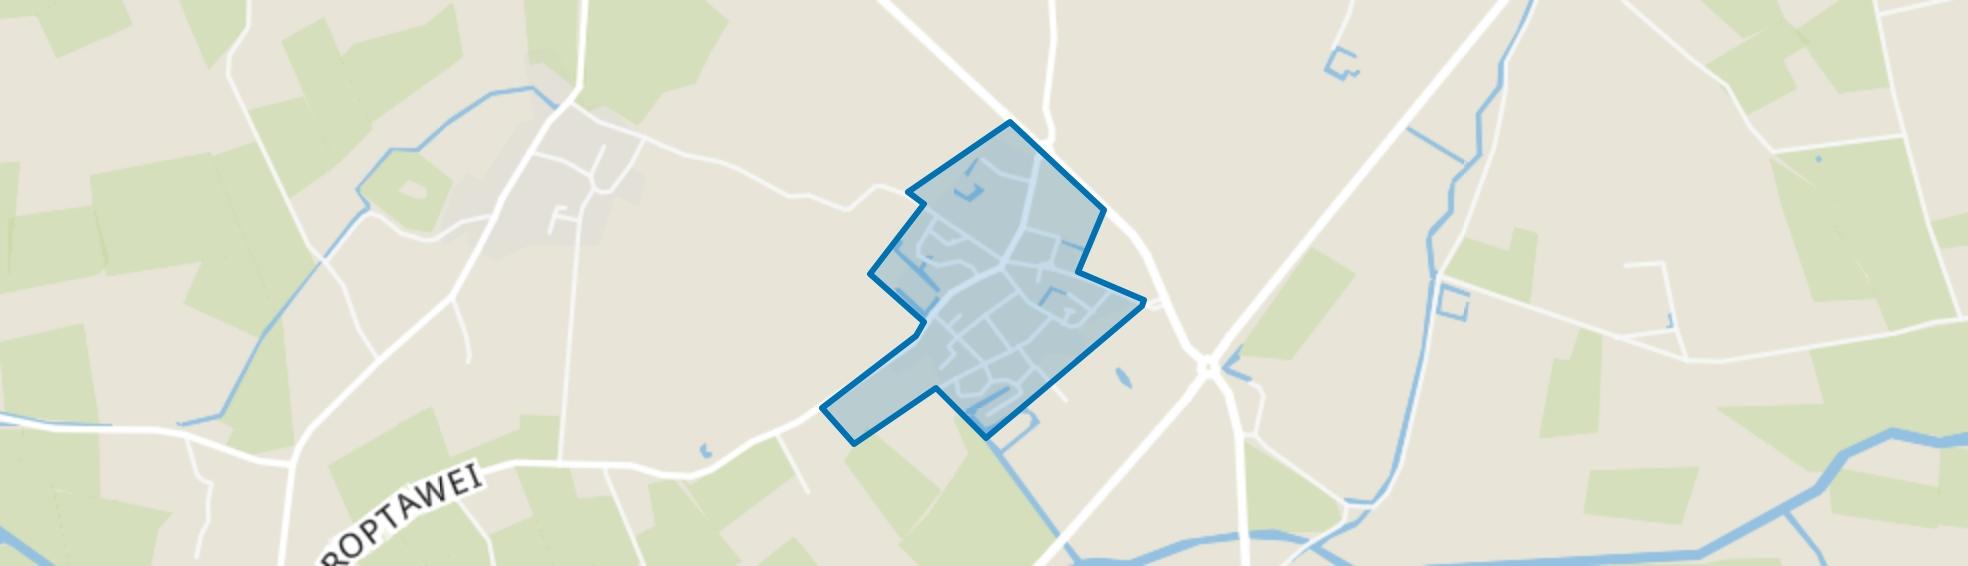 Metslawier, Metslawier map